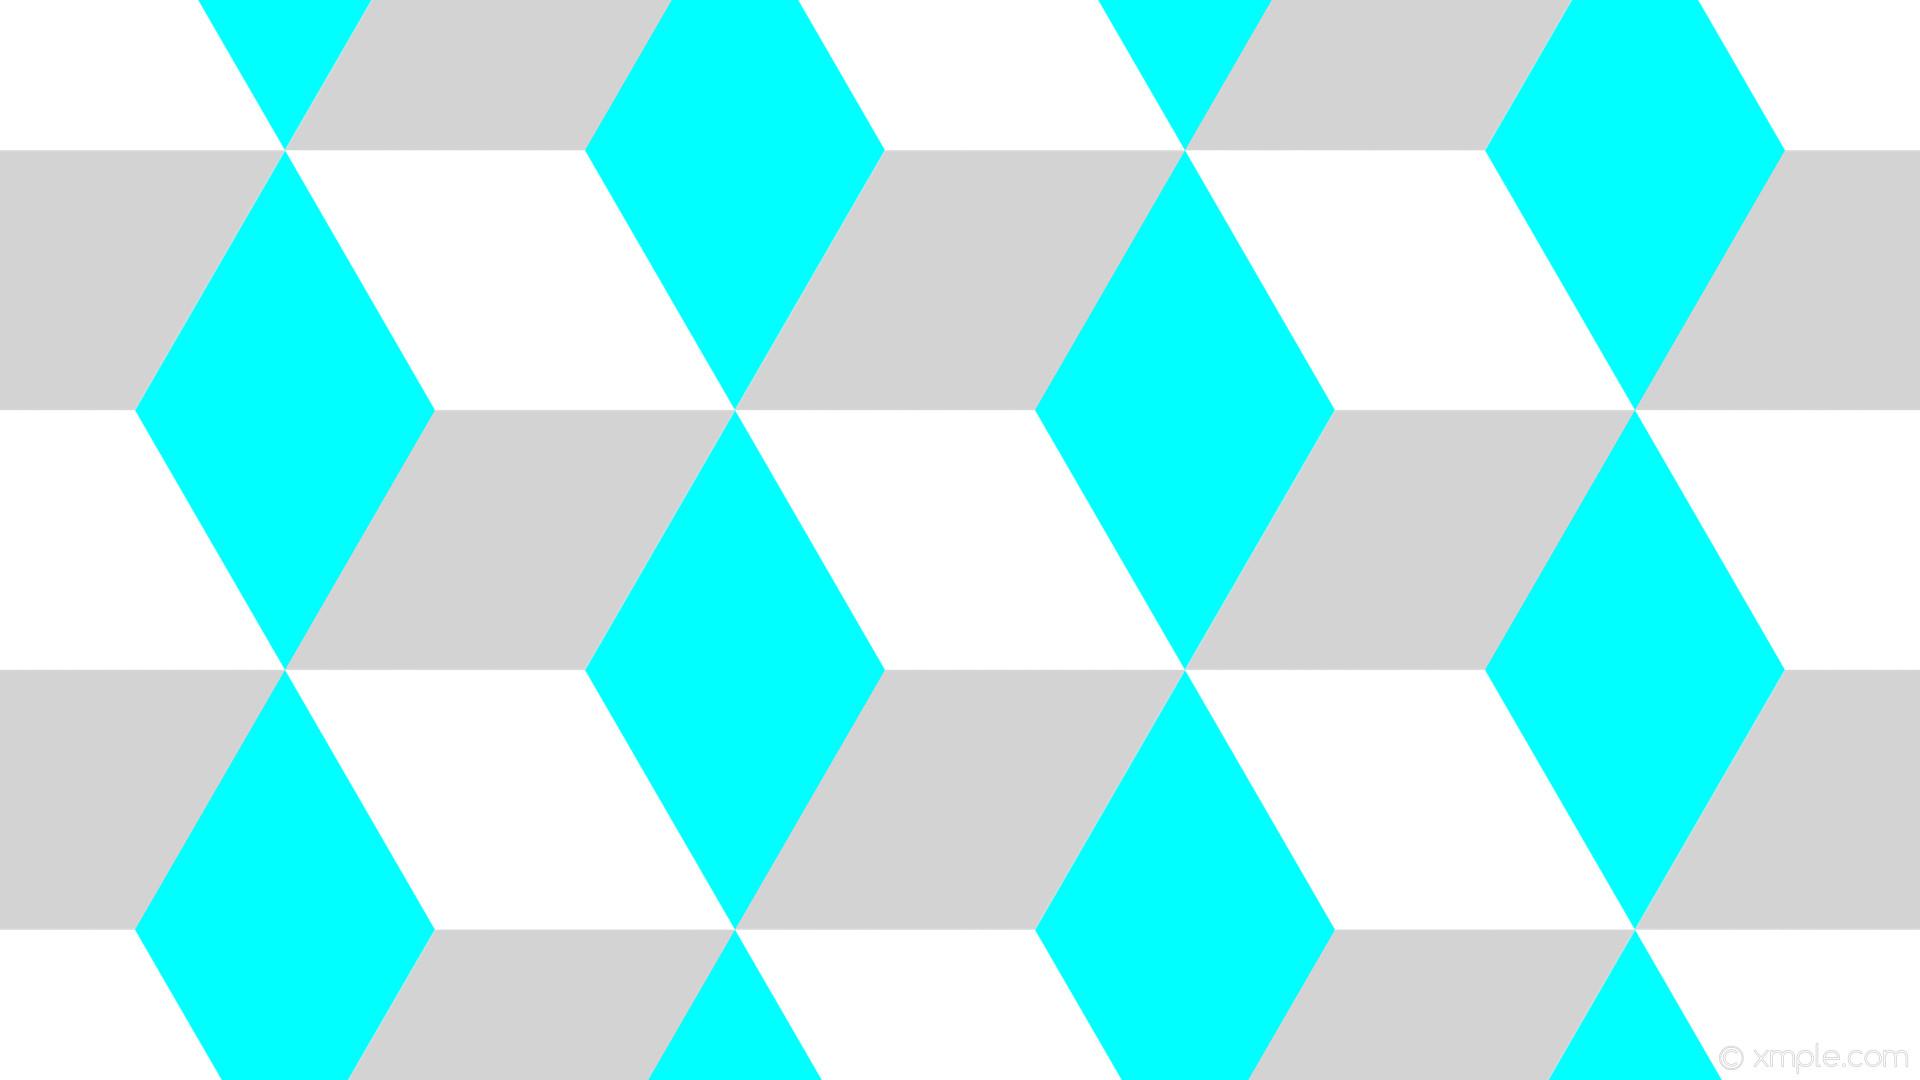 wallpaper blue 3d cubes grey white aqua cyan light gray #ffffff #00ffff  #d3d3d3